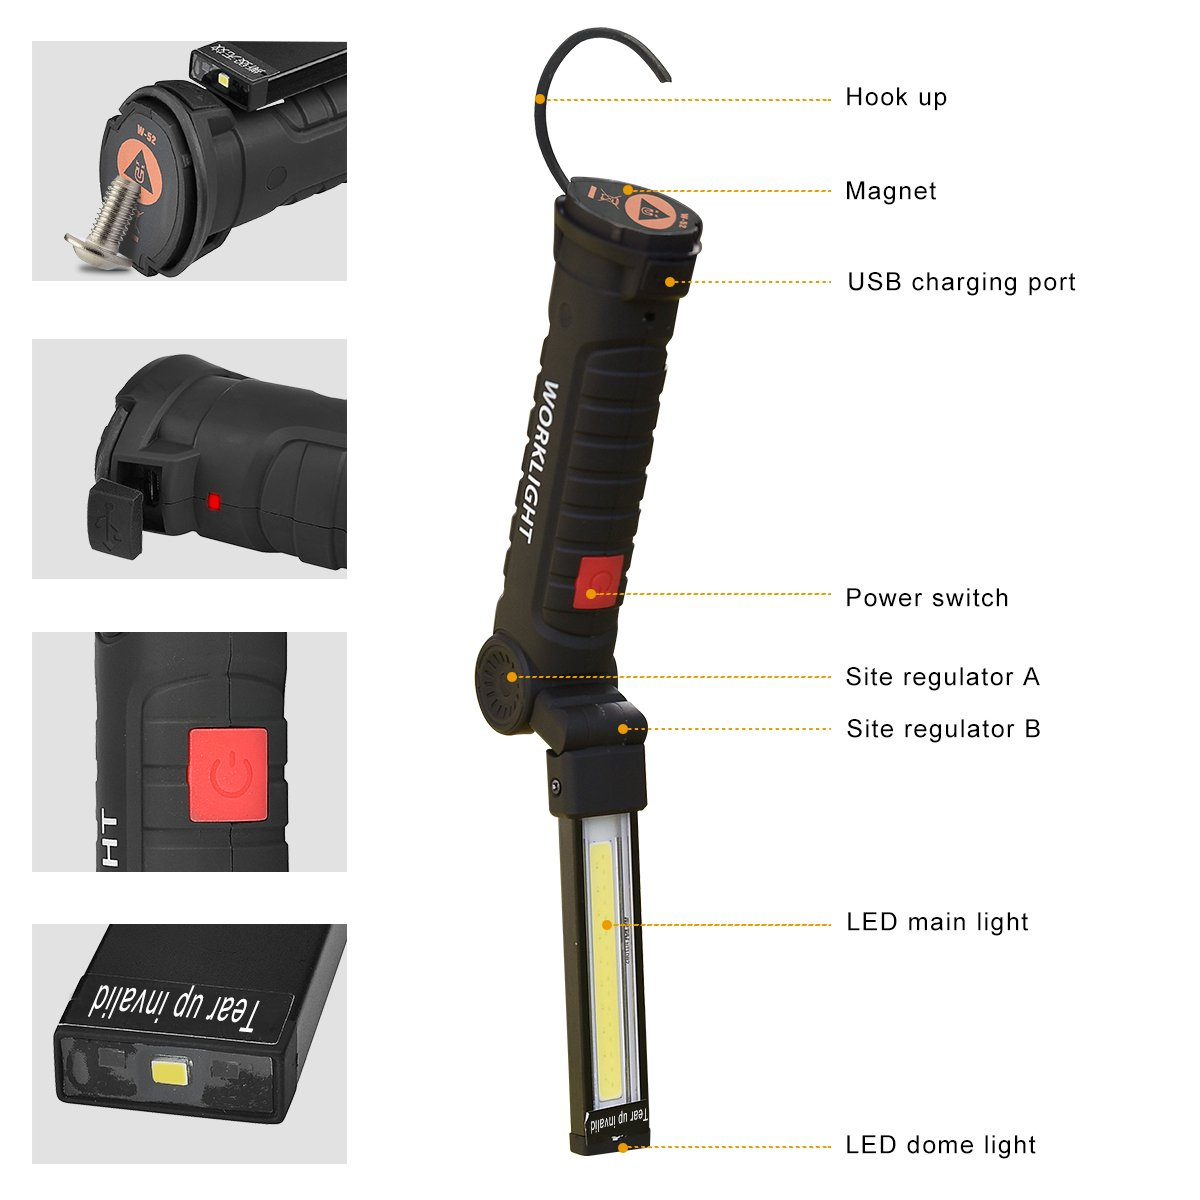 Artbest LED Arbeitsleuchte Arbeit Licht Taschenlampe Werkstattlampe Inspektionsleuchten Superhelle COB LED Camping Lantern Handlampe Campinglampe mit Magnet Clip USB-Ladekabel